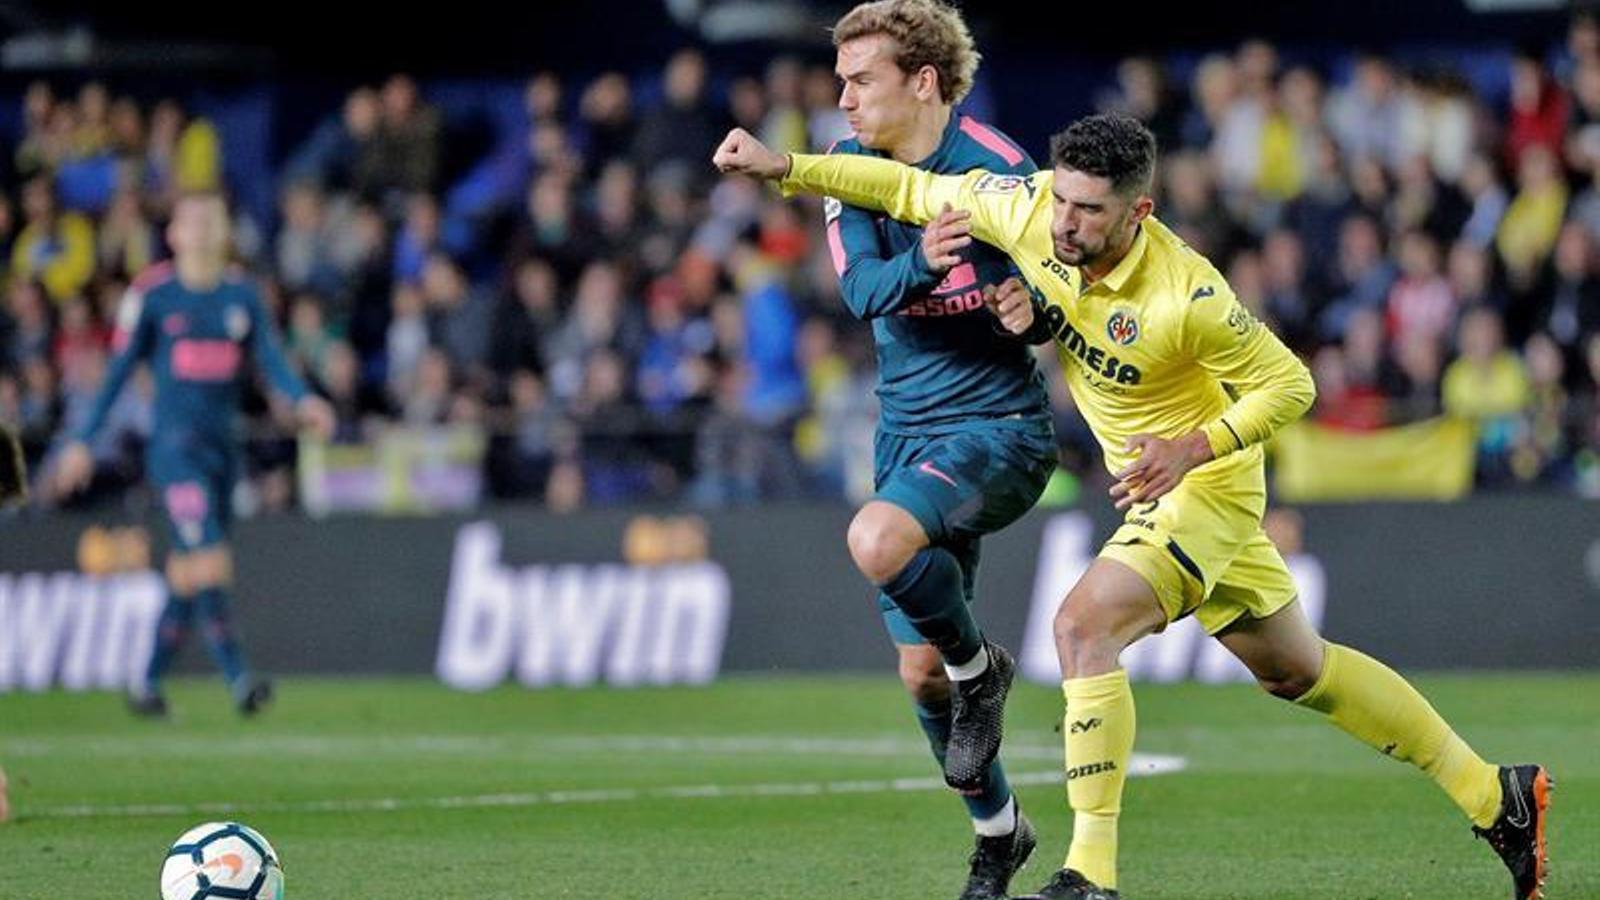 L'Atlètic de Madrid cau a Vila-real i queda a 11 punts del Barça